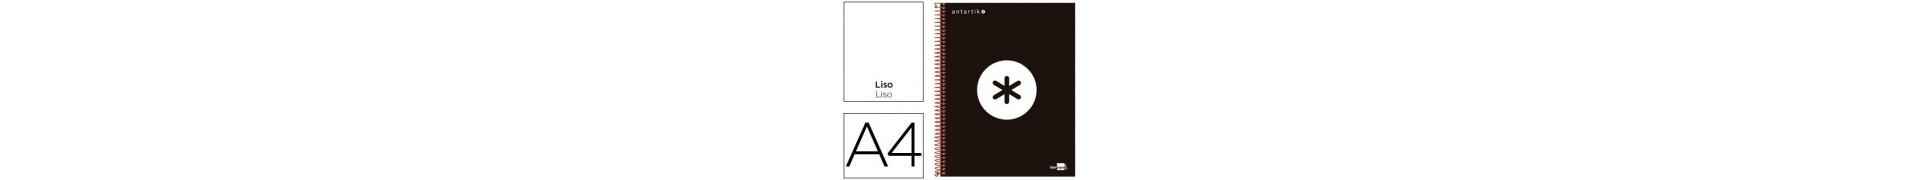 Blocs y cuadernos escolares